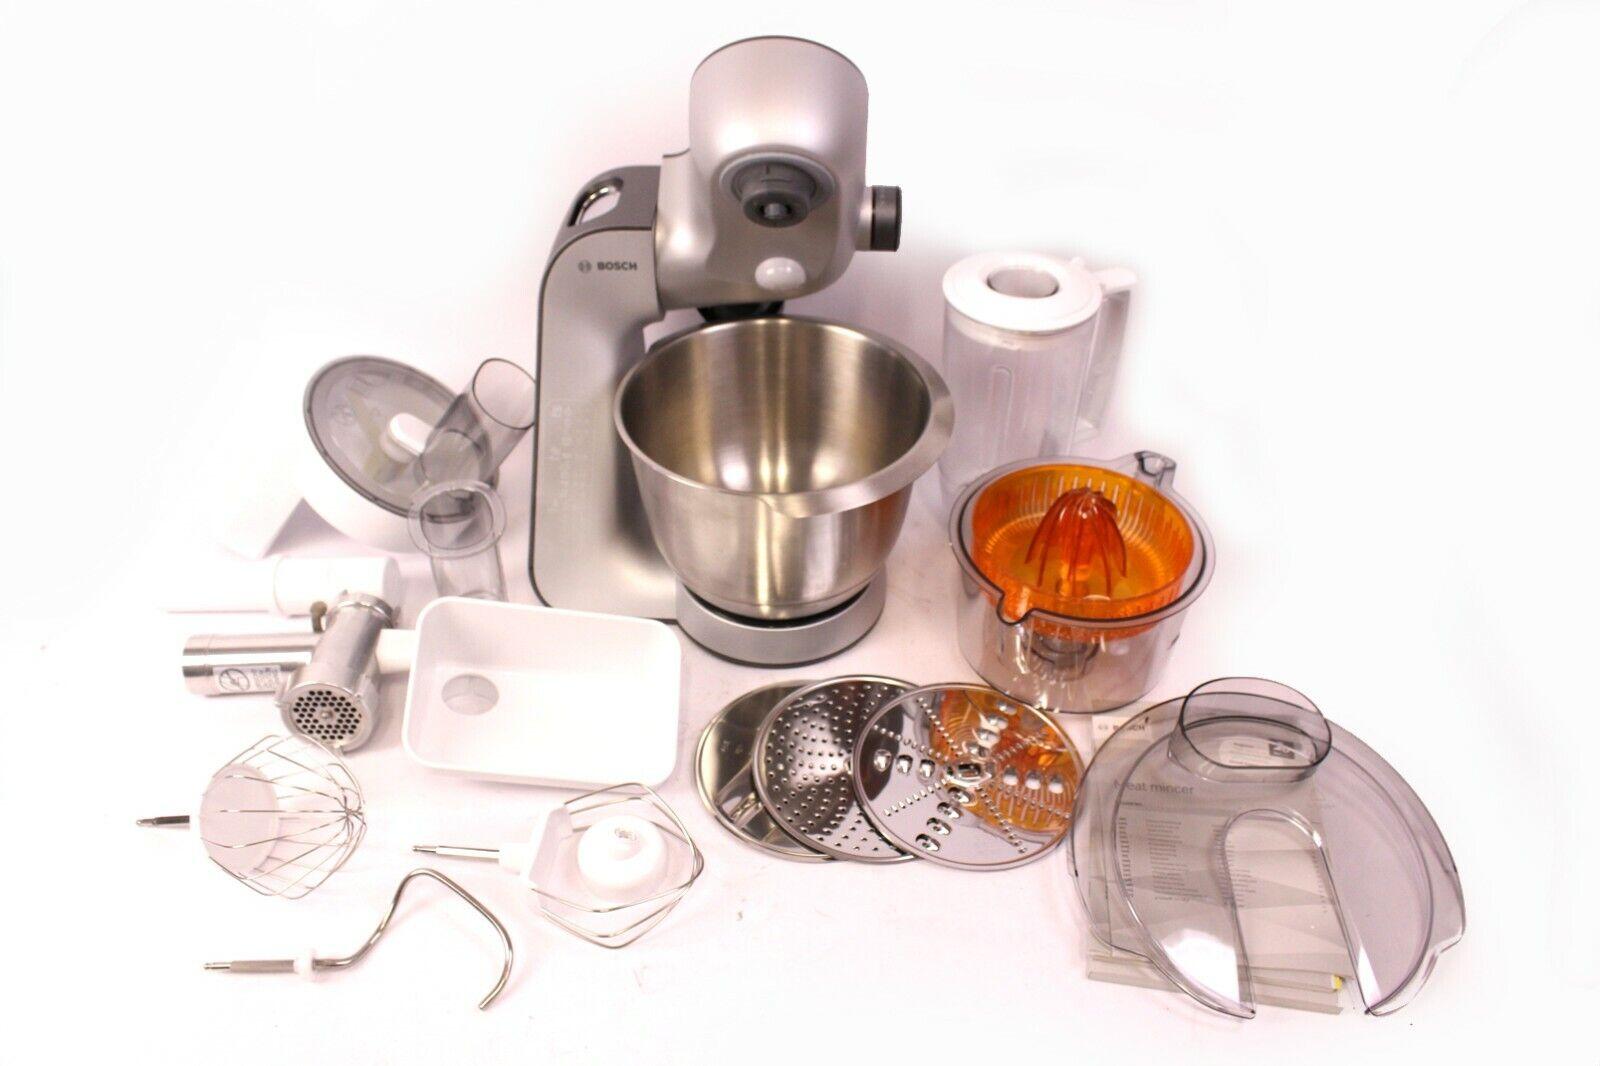 Bosch Küchenmaschine MUM5 Styline MUM 56340 Küchenmaschine 900W Silber OVP